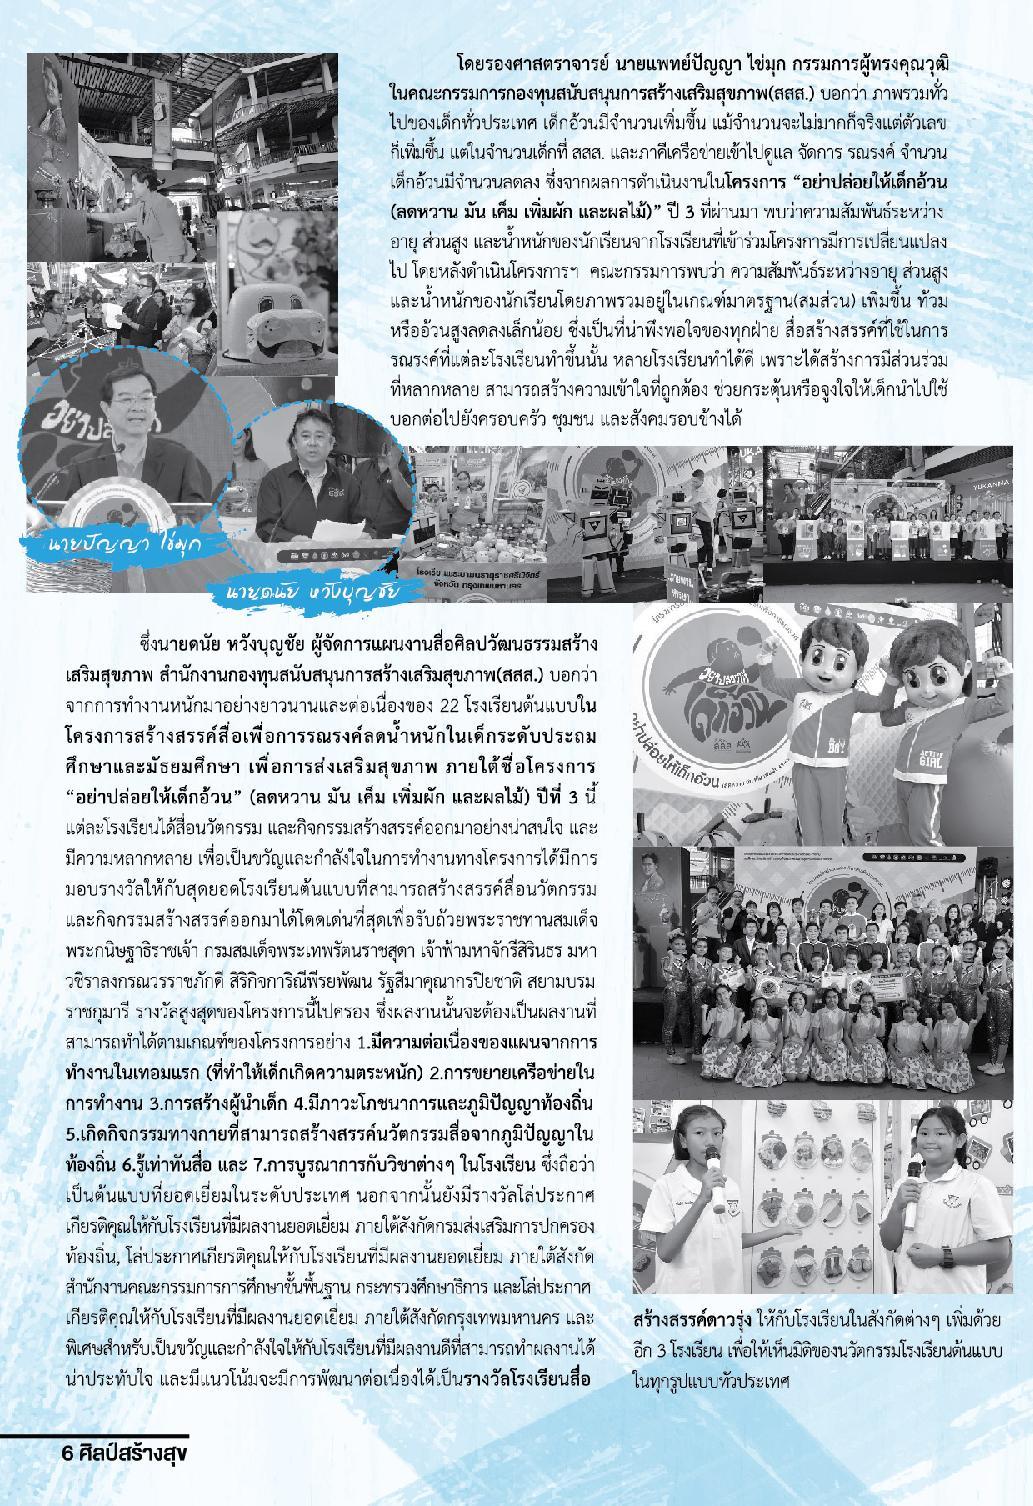 จุลสารศิลป์สร้างสุข ฉบับที่ 46 เดือนพฤษภาคม - มิถุนายน 2562